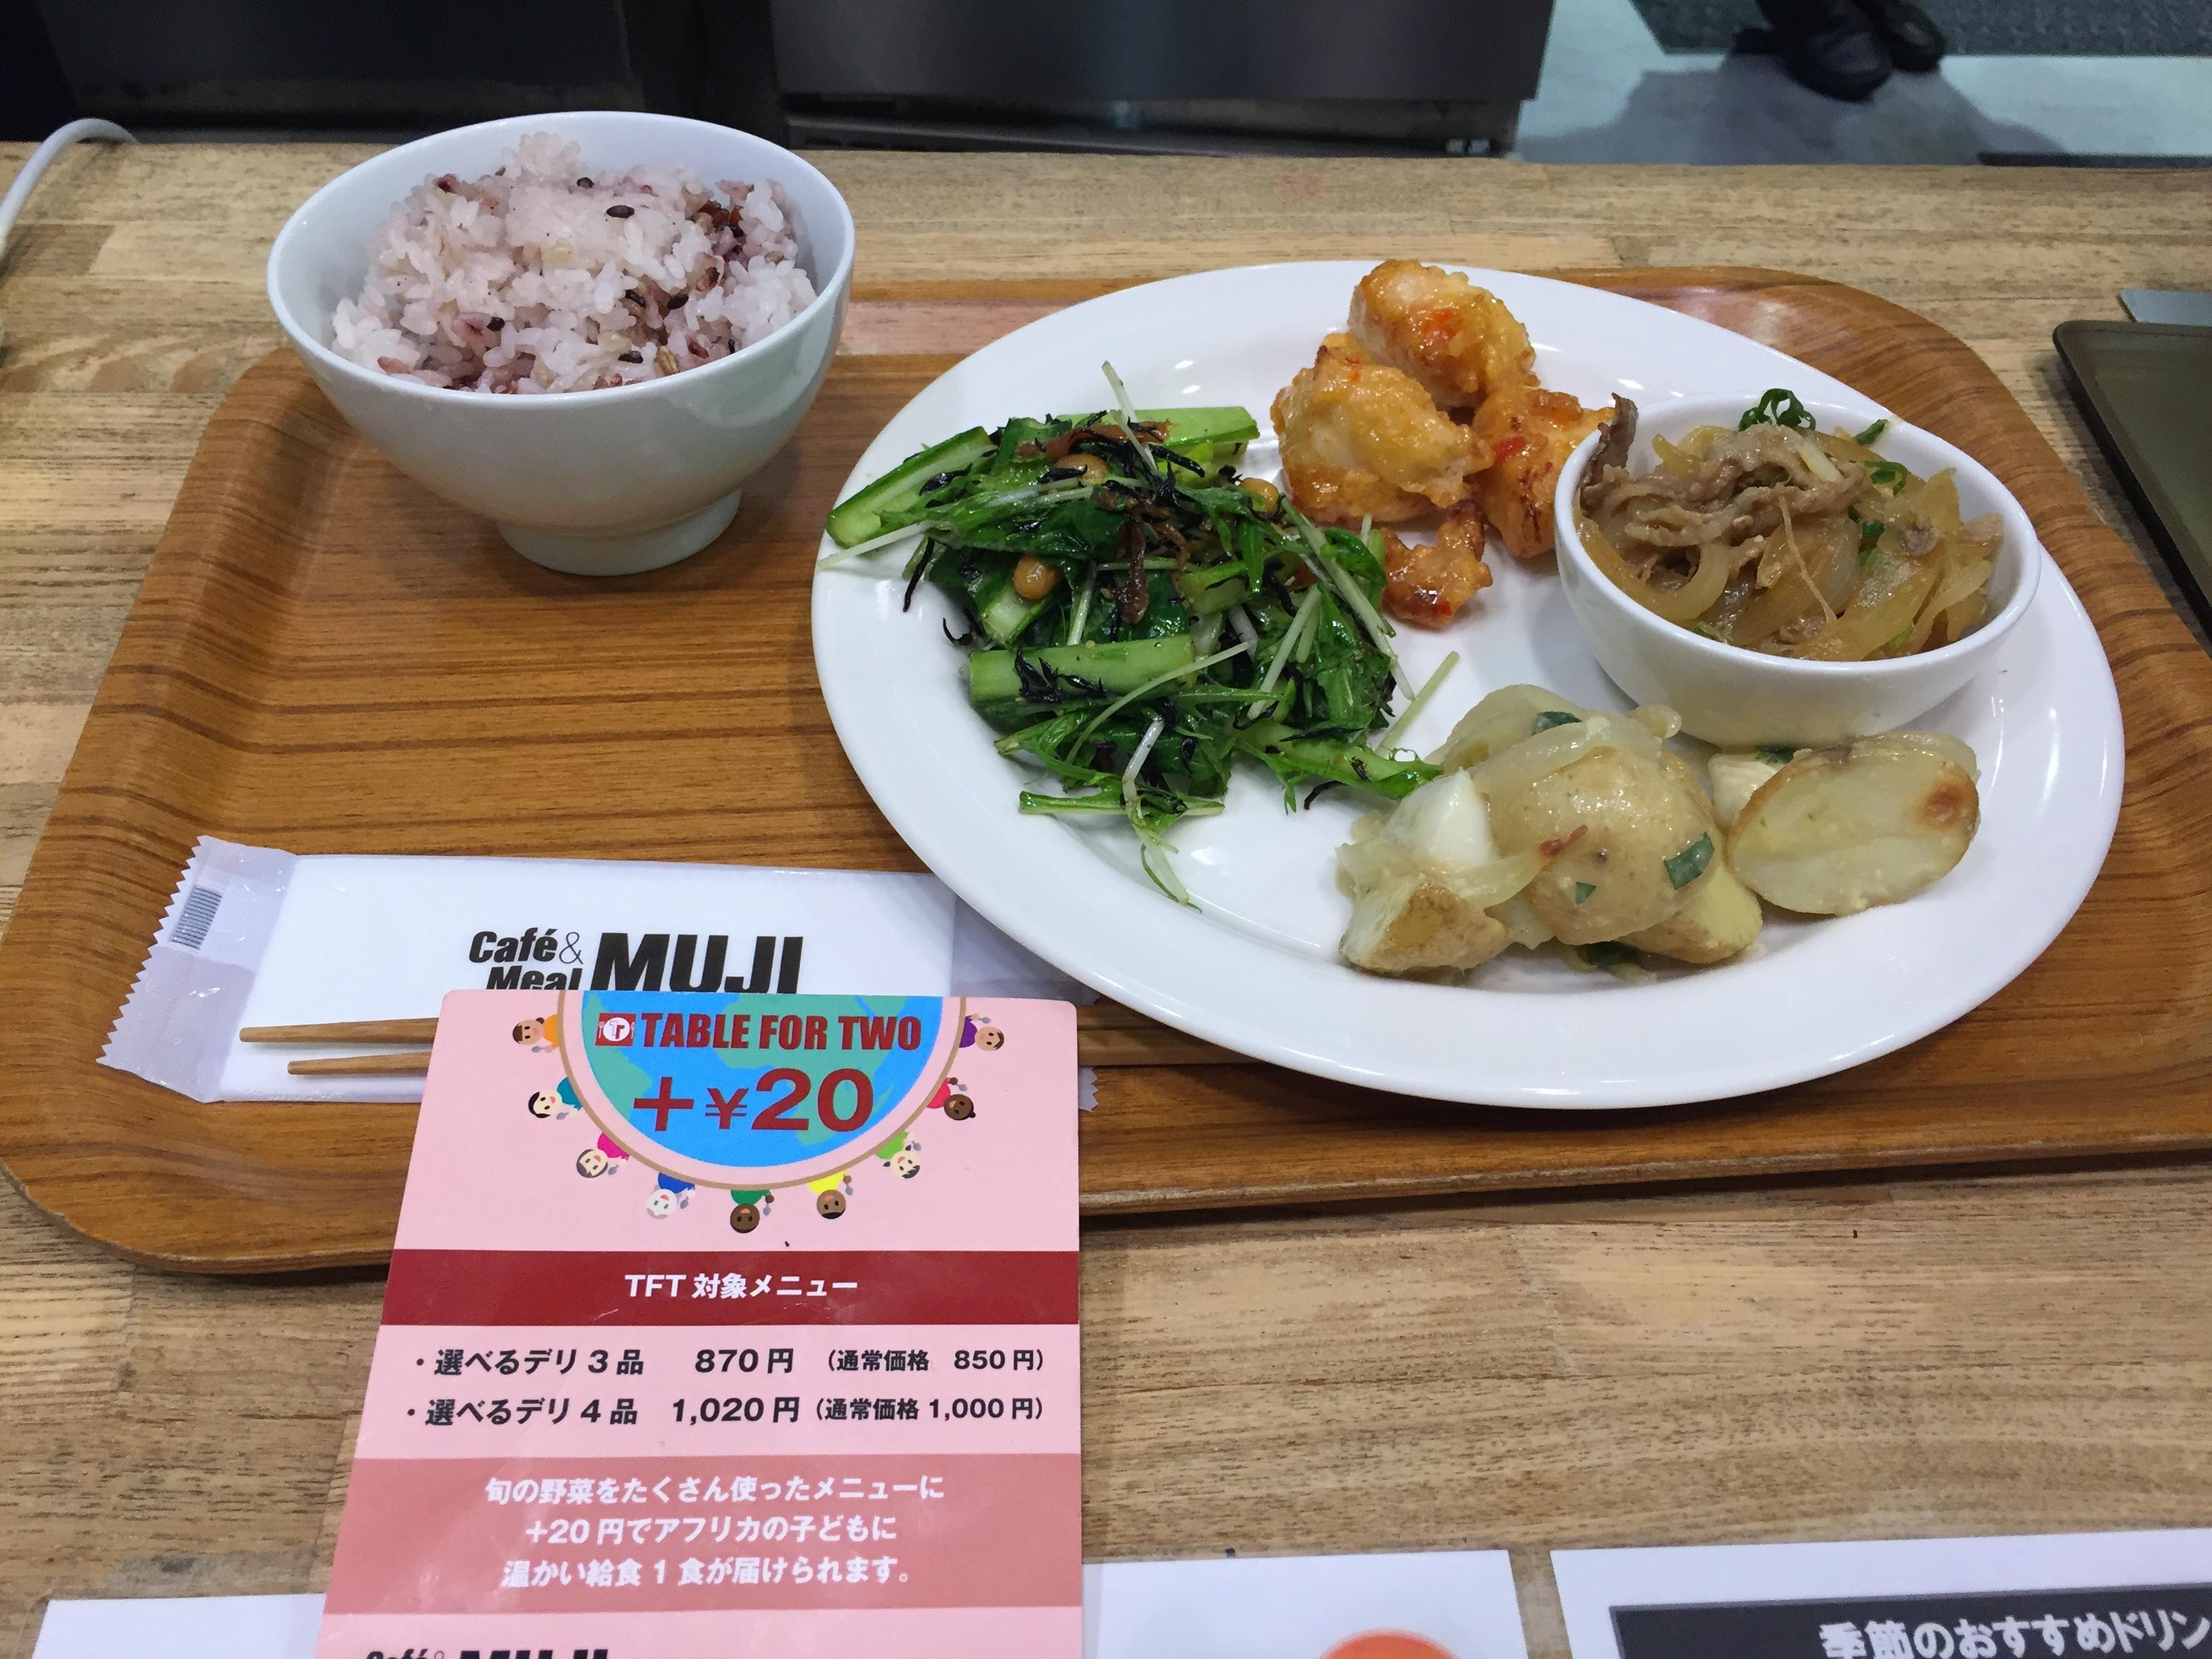 ゴルフ菜園プロジェクト 〜食べて寄付する編(Cafe&Meal MUJI)〜